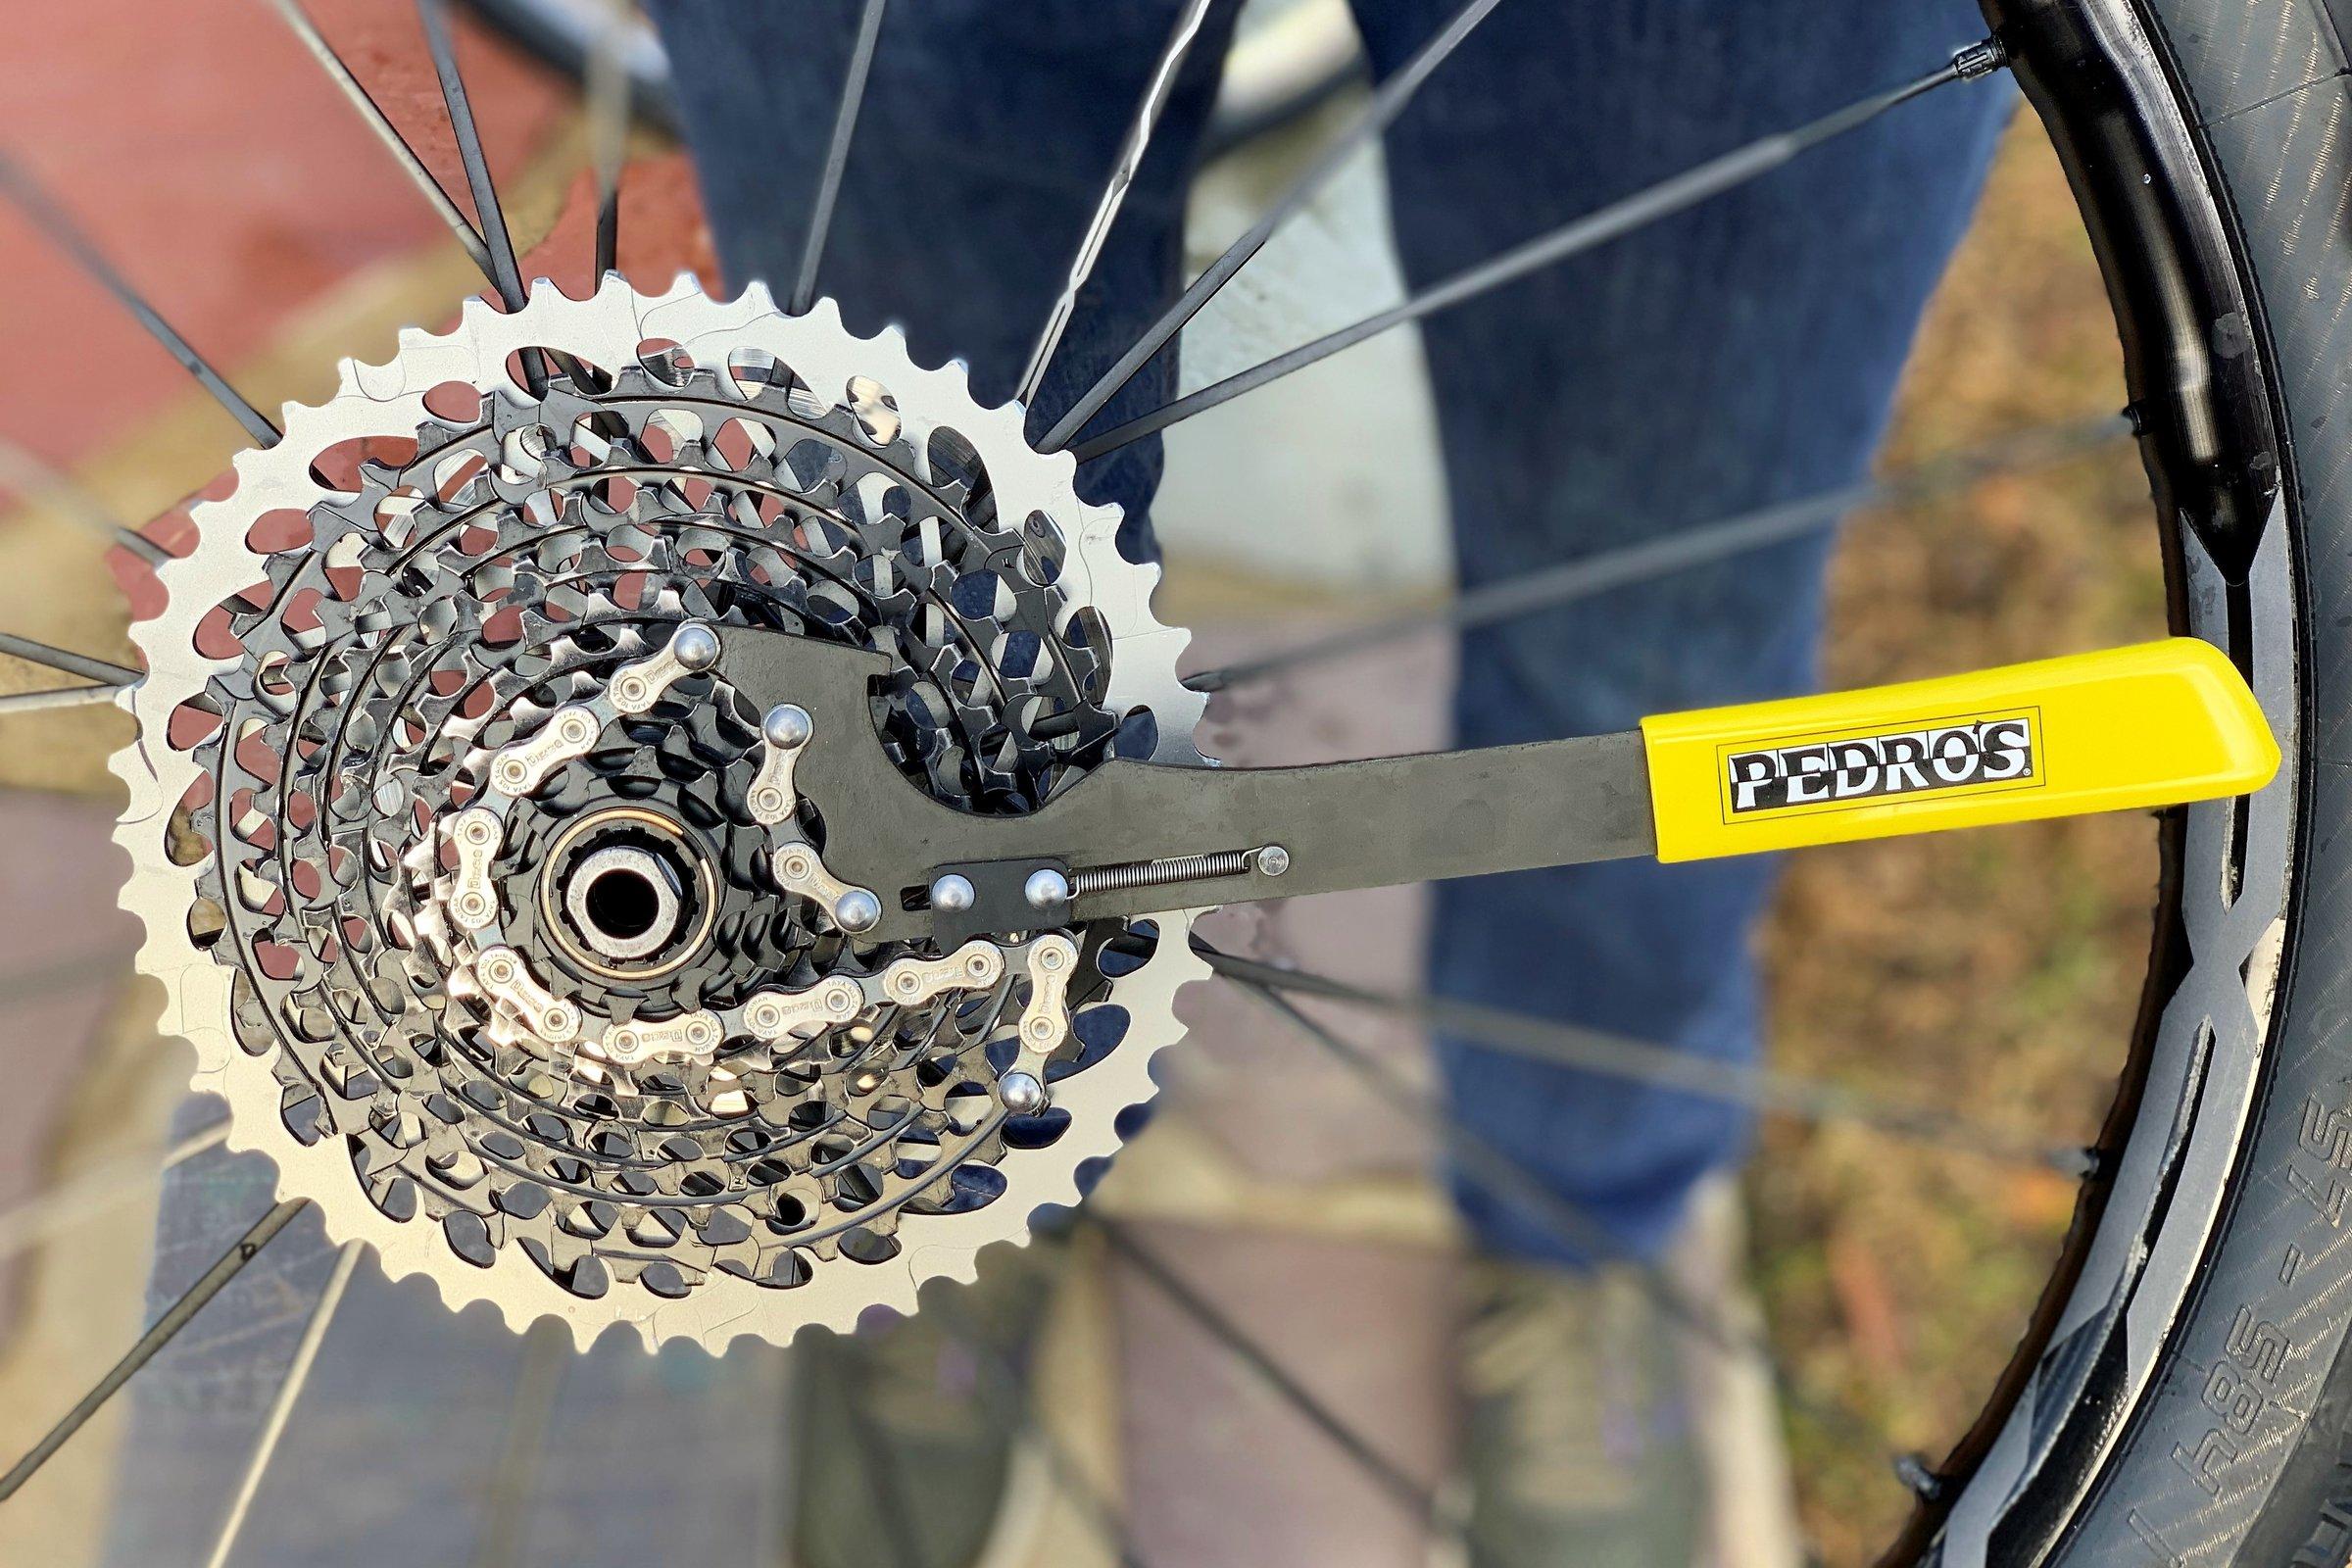 Pedro/'s Pro Chain Whip Jaune chaînes bâton vélo Kasette outil vélo montage